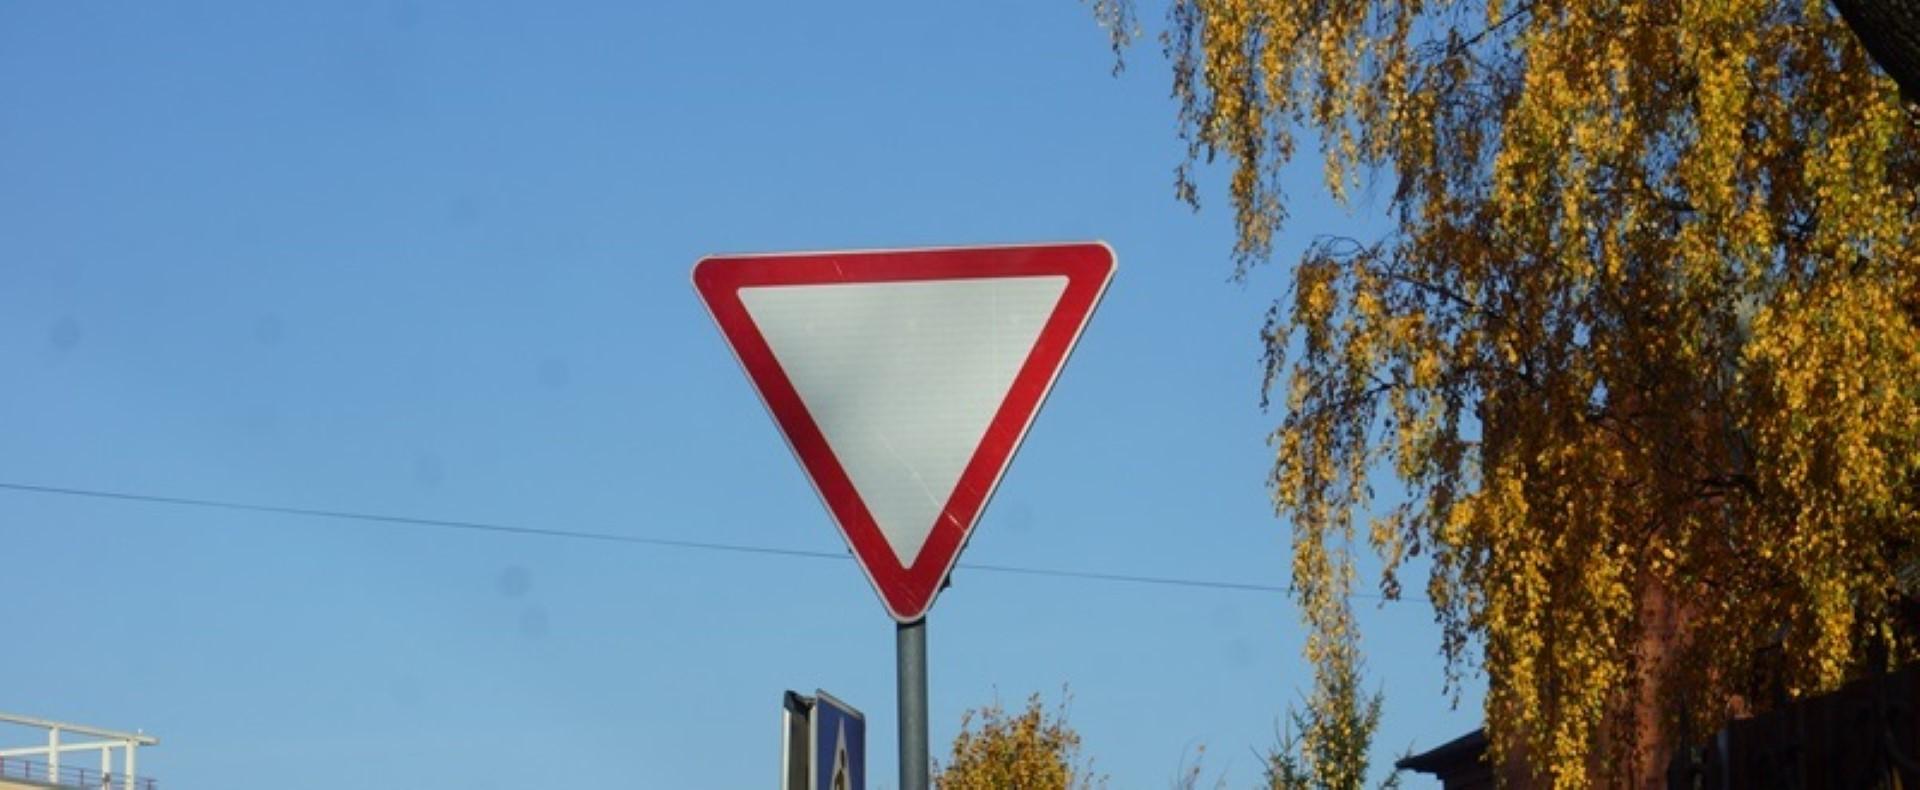 Знак уступи дорогу на перекрестке: как выглядит, что означает по ПДД